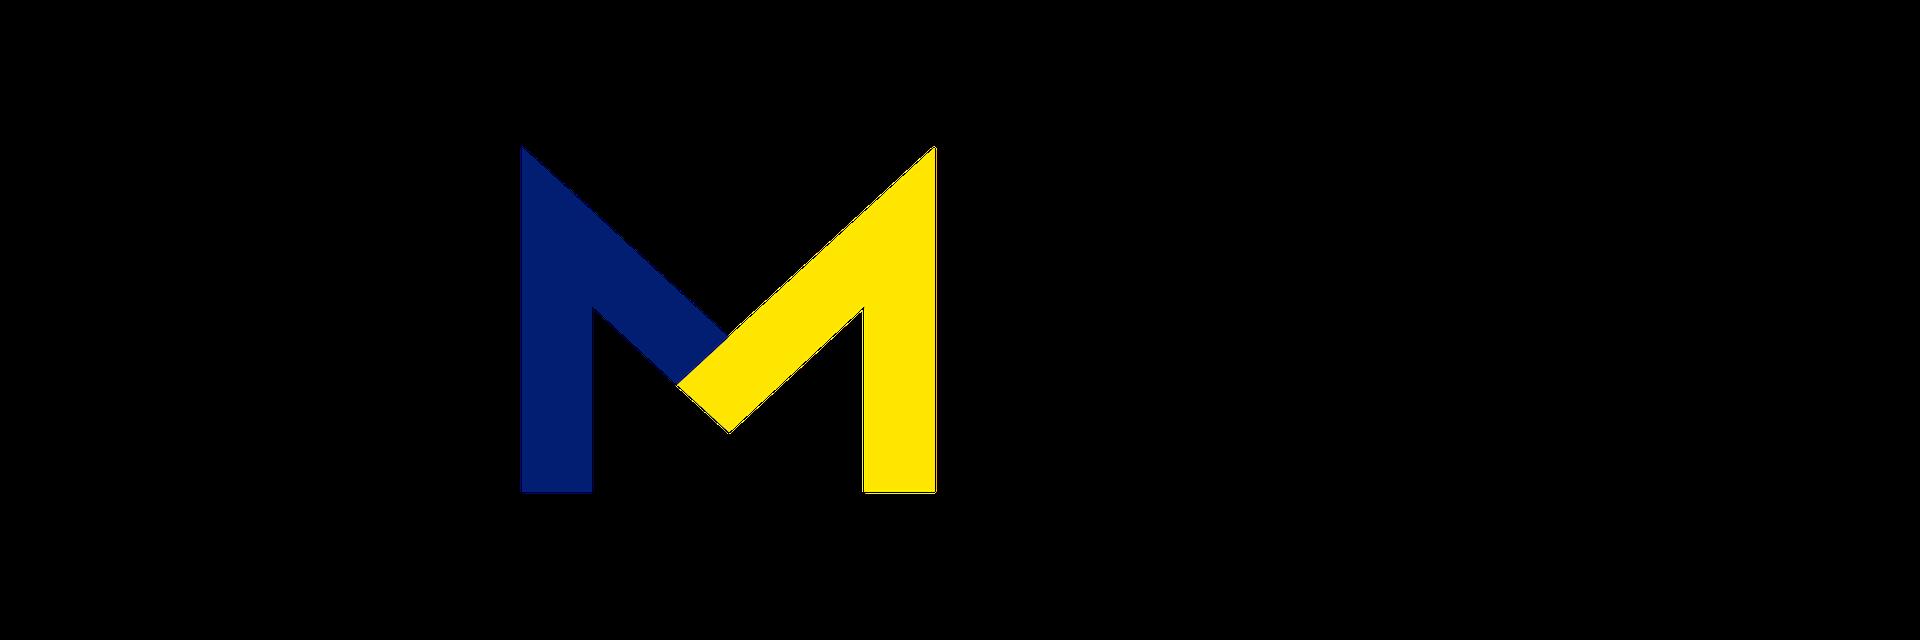 Milken-Motsepe Innovation Prize Program